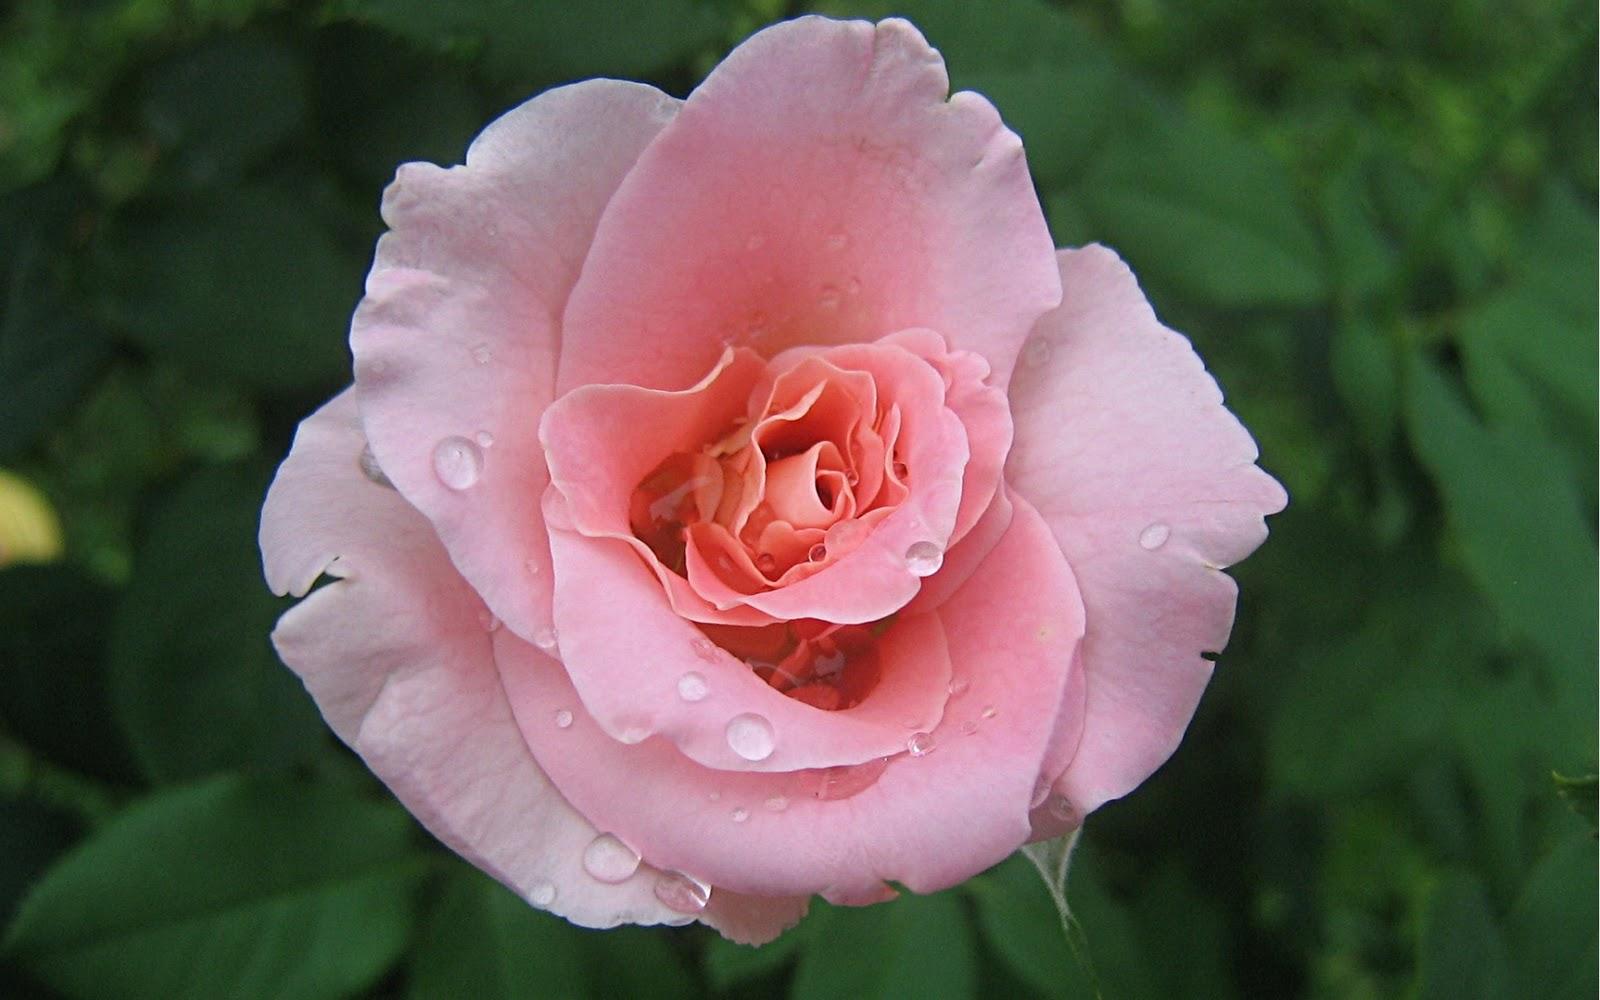 http://3.bp.blogspot.com/-JhXbZvewhGY/TvhgZYlWShI/AAAAAAAAA7I/aYsSuktiLyQ/s1600/pink_rose_wallpaper_2996.jpg